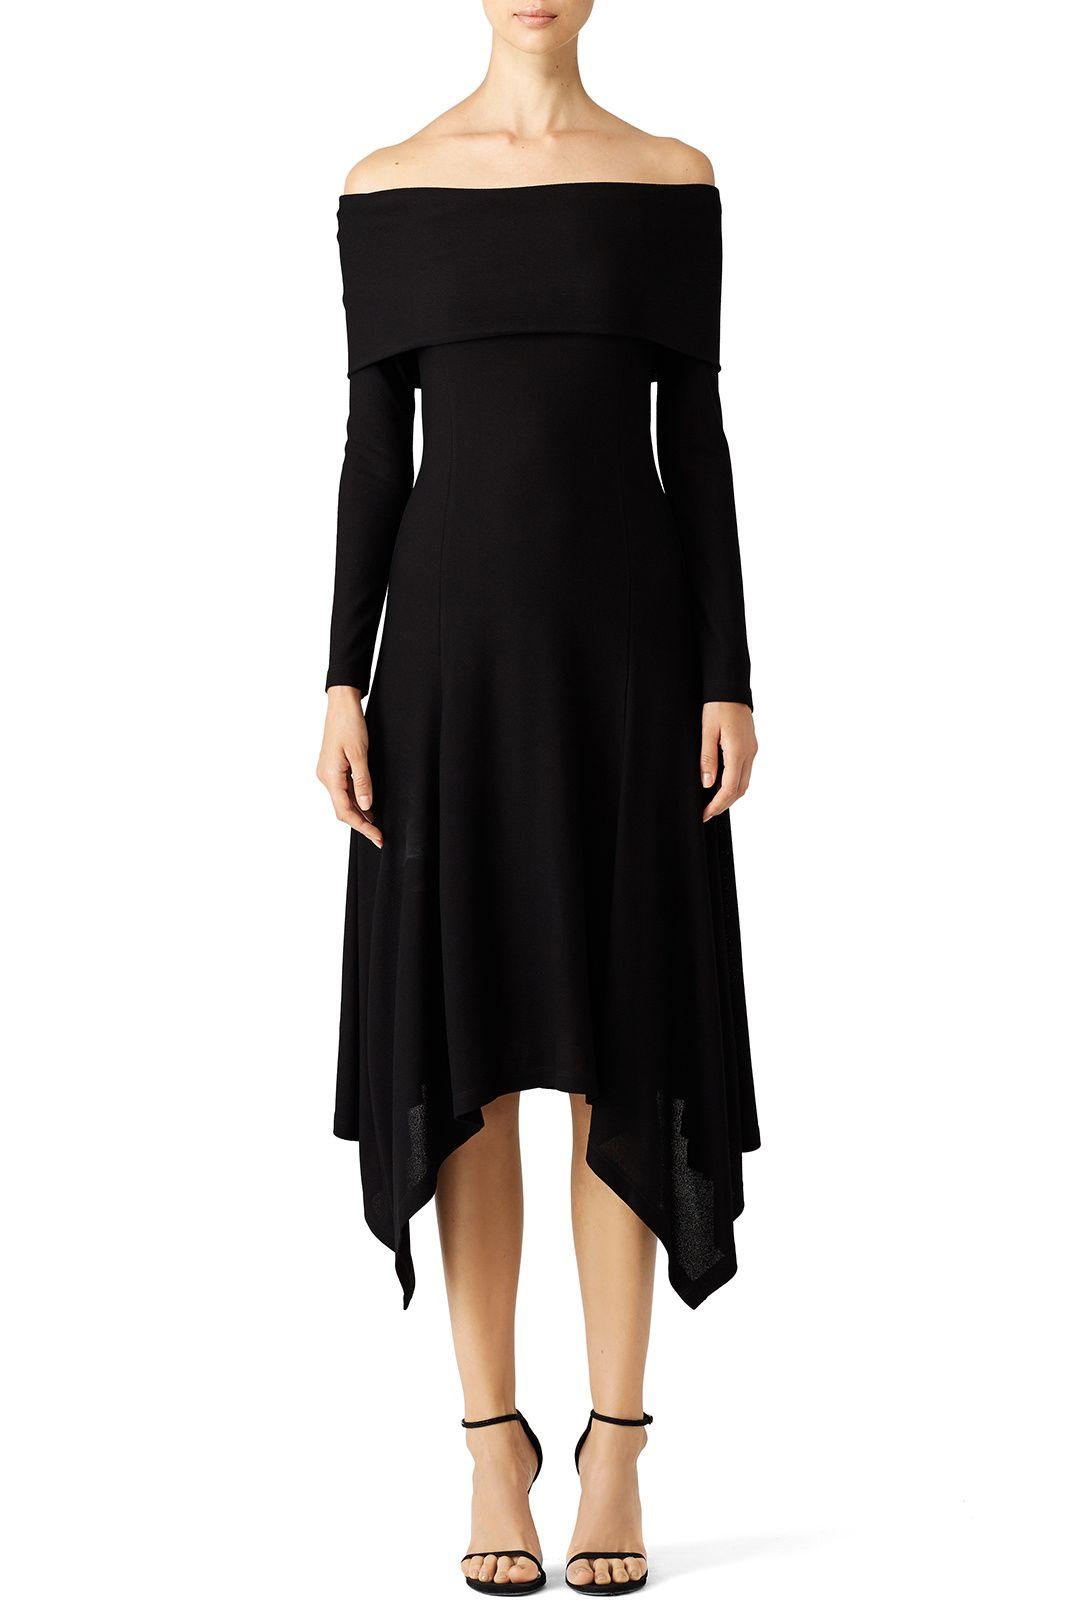 Black Fold Over Shoulder Dress by DEREK LAM for $300 - $320 | Rent the Runway